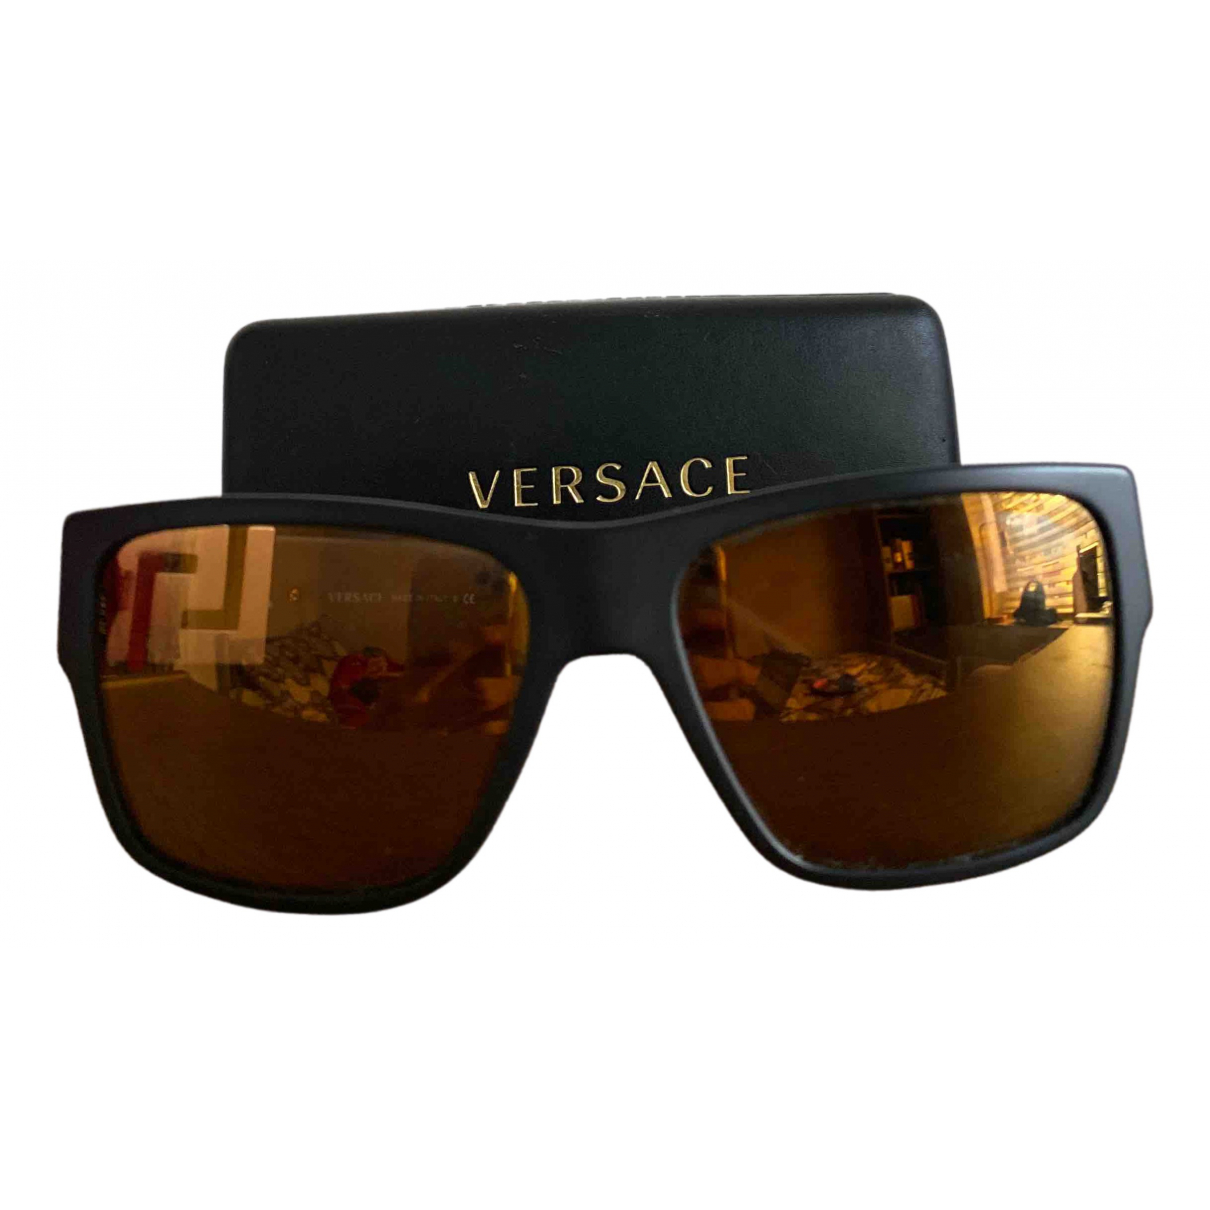 Versace - Lunettes   pour homme - noir